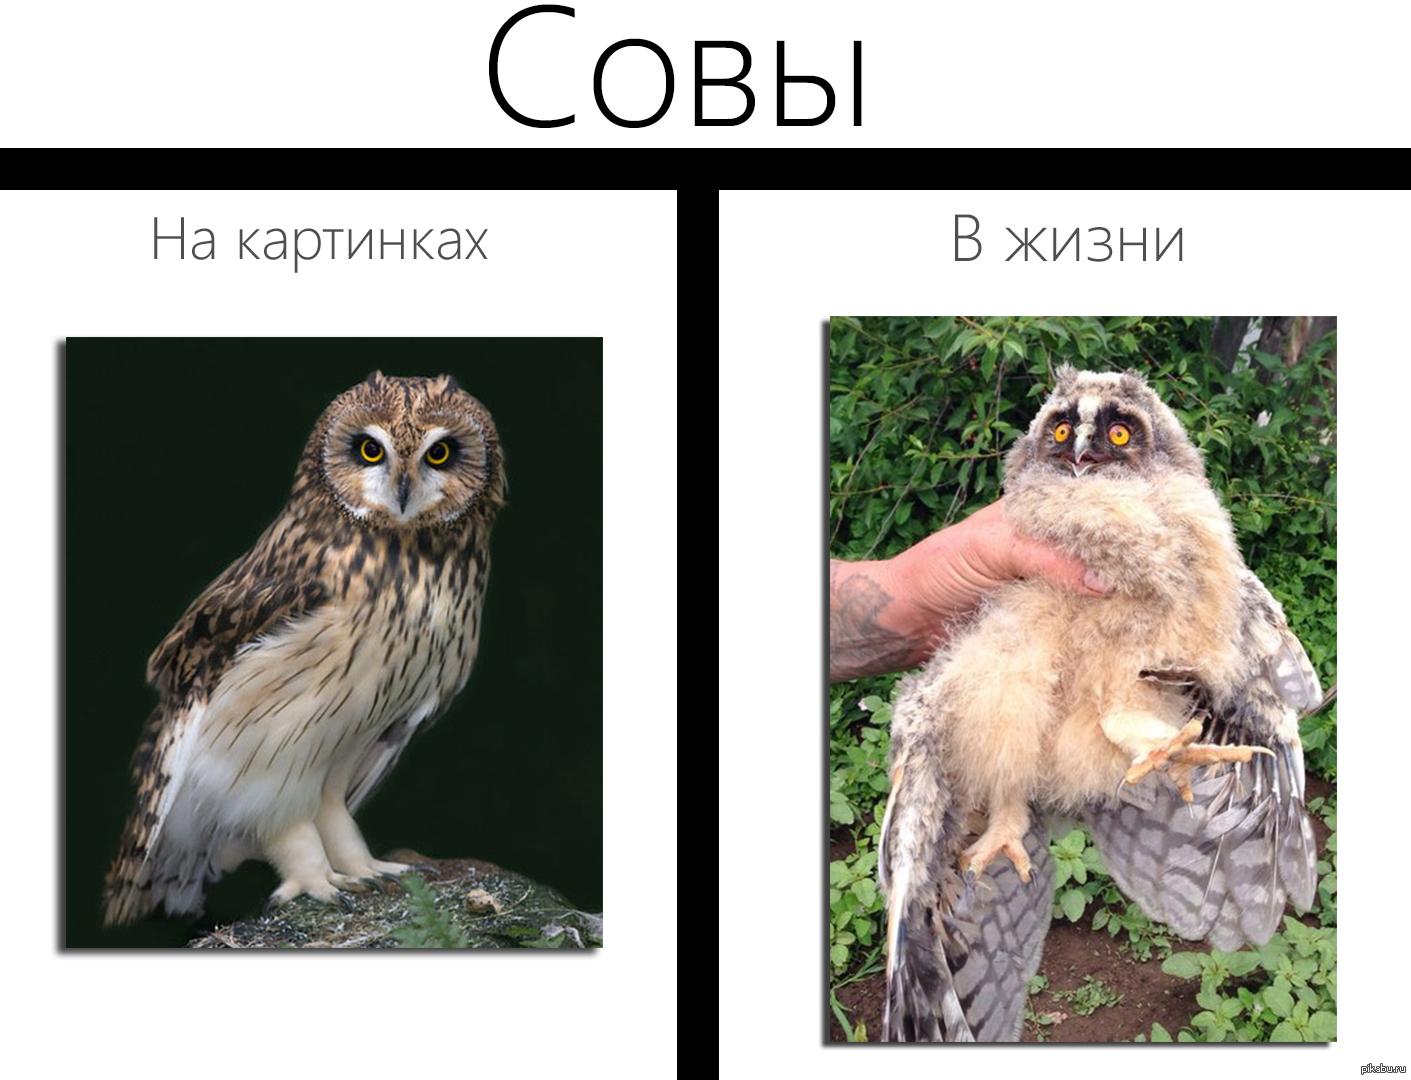 Смешные картинки с надписью про сову, смешные фото для